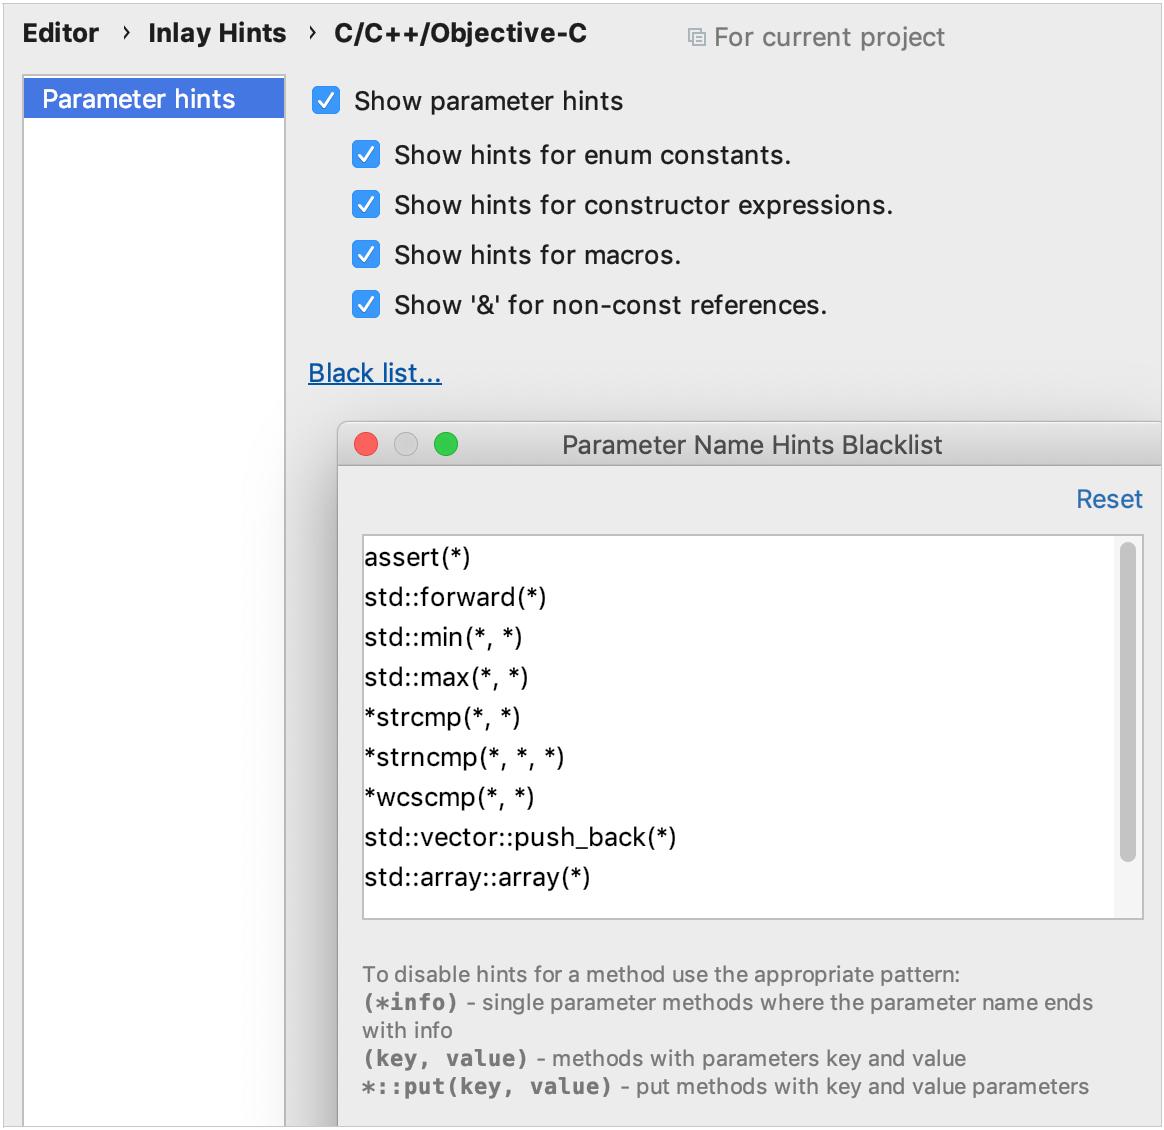 parameter hints settings